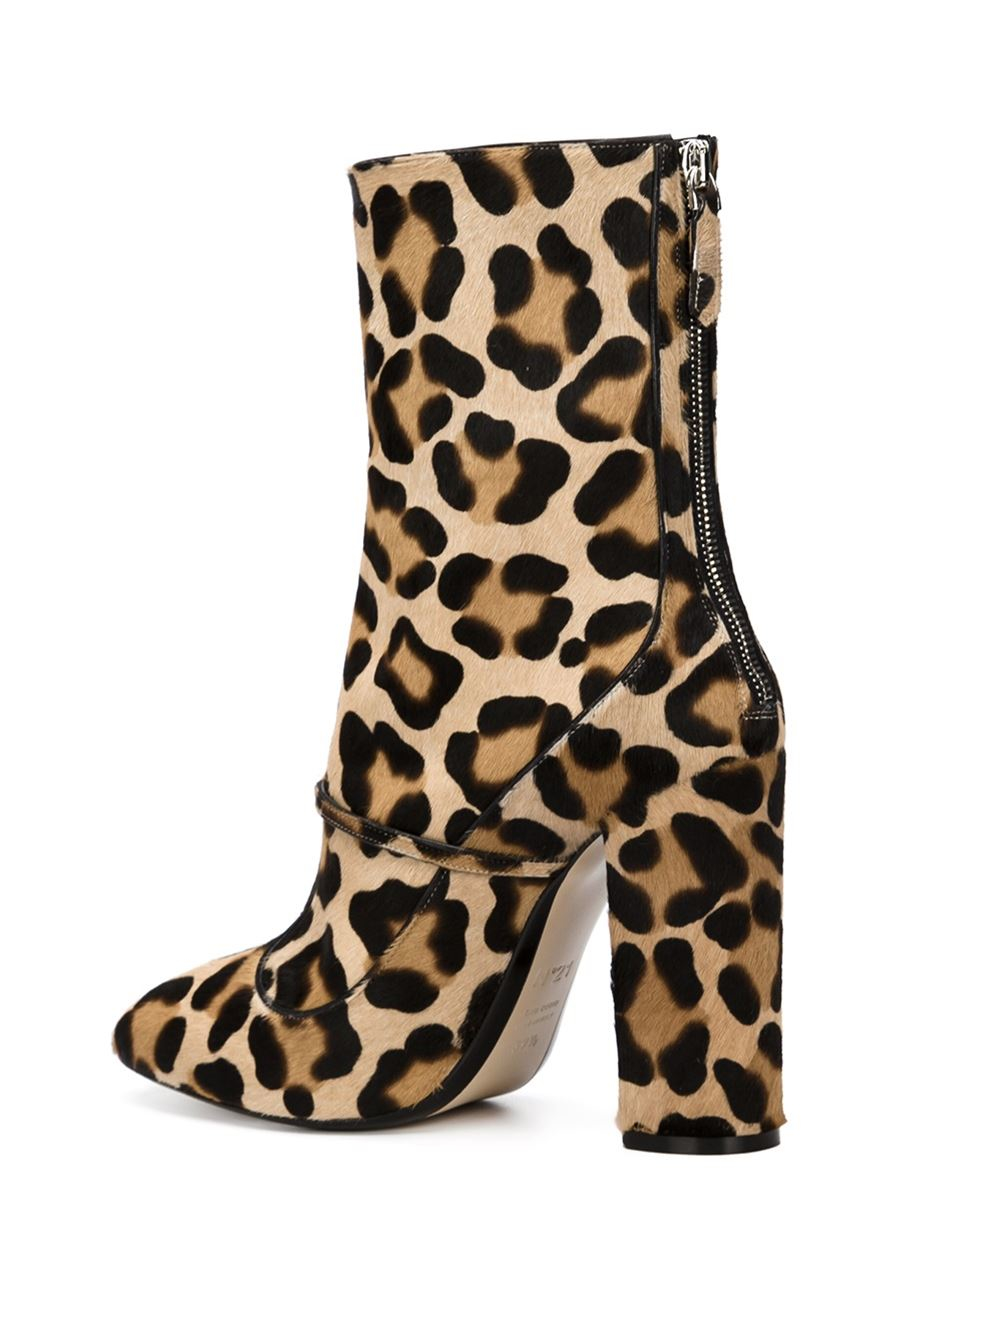 N°21 Fur No21 Leopard Print Boots in Black